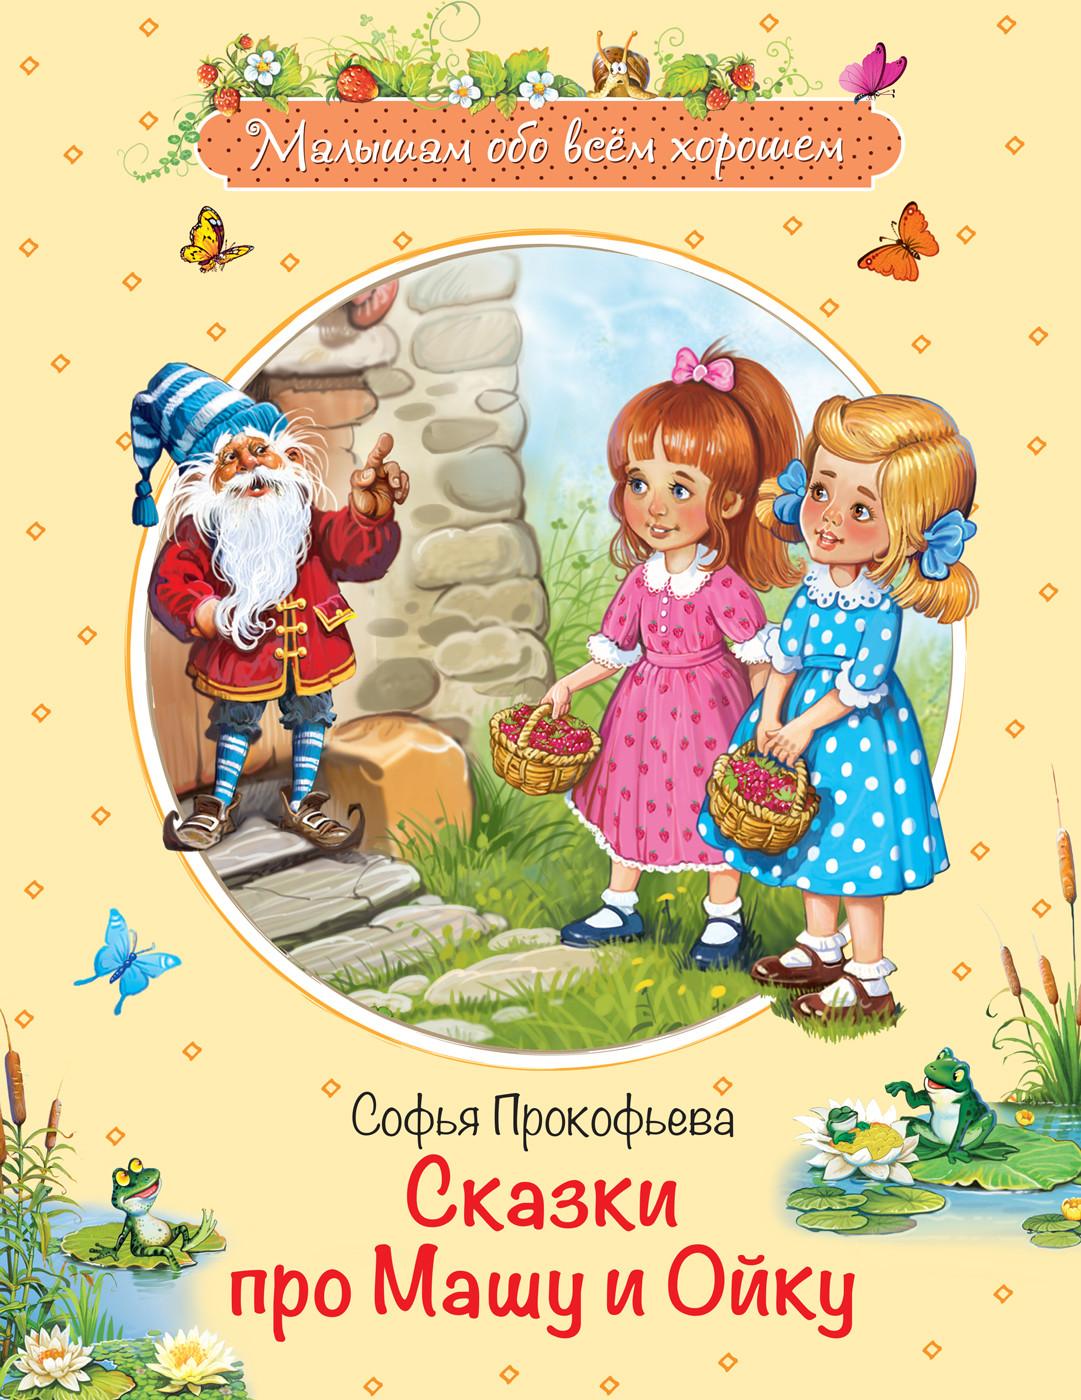 Сказки про Машу и Ойку: сказочная история